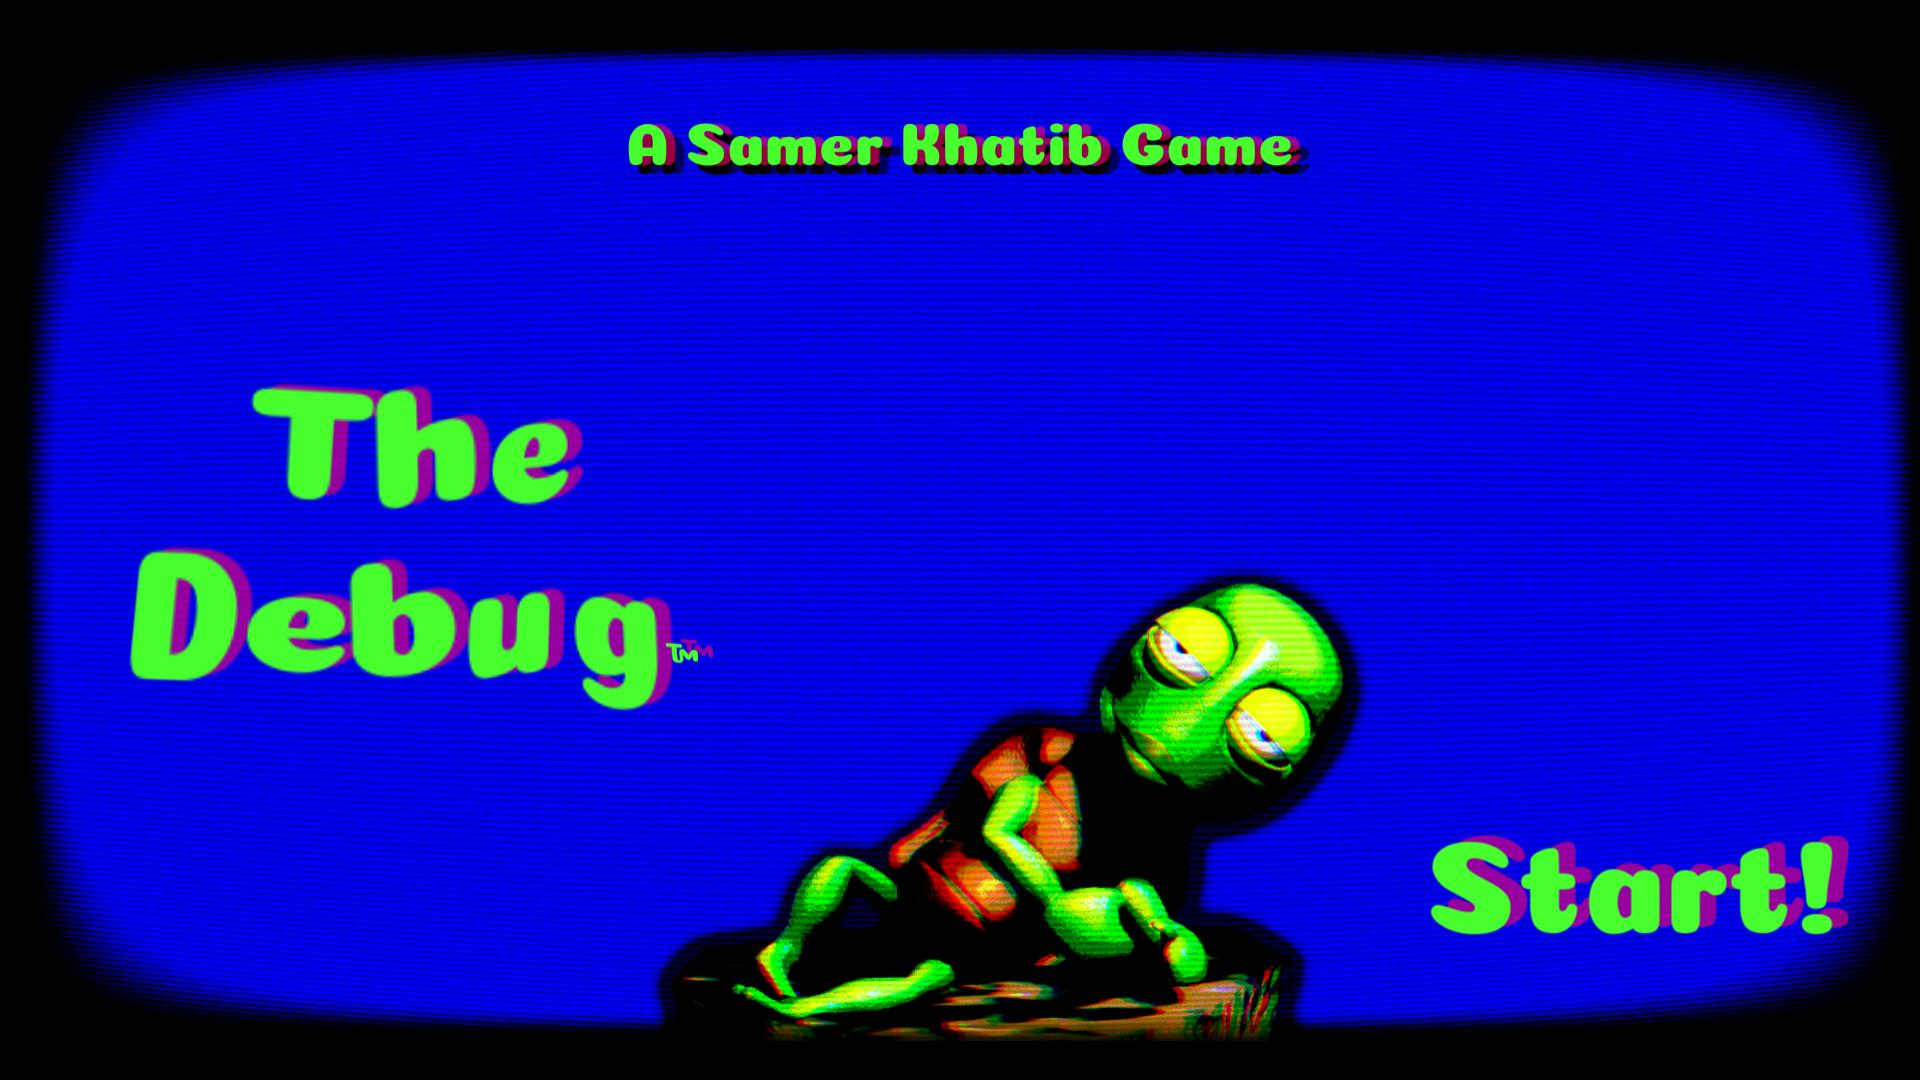 The Debug™